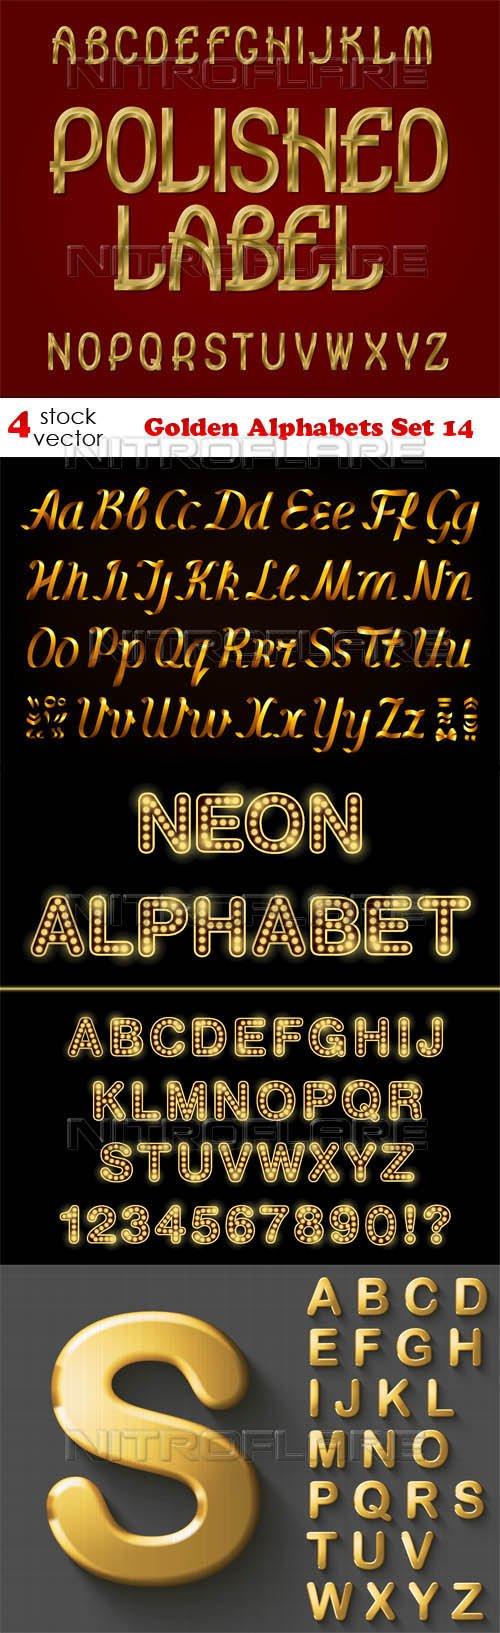 Vectors - Golden Alphabets Set 14